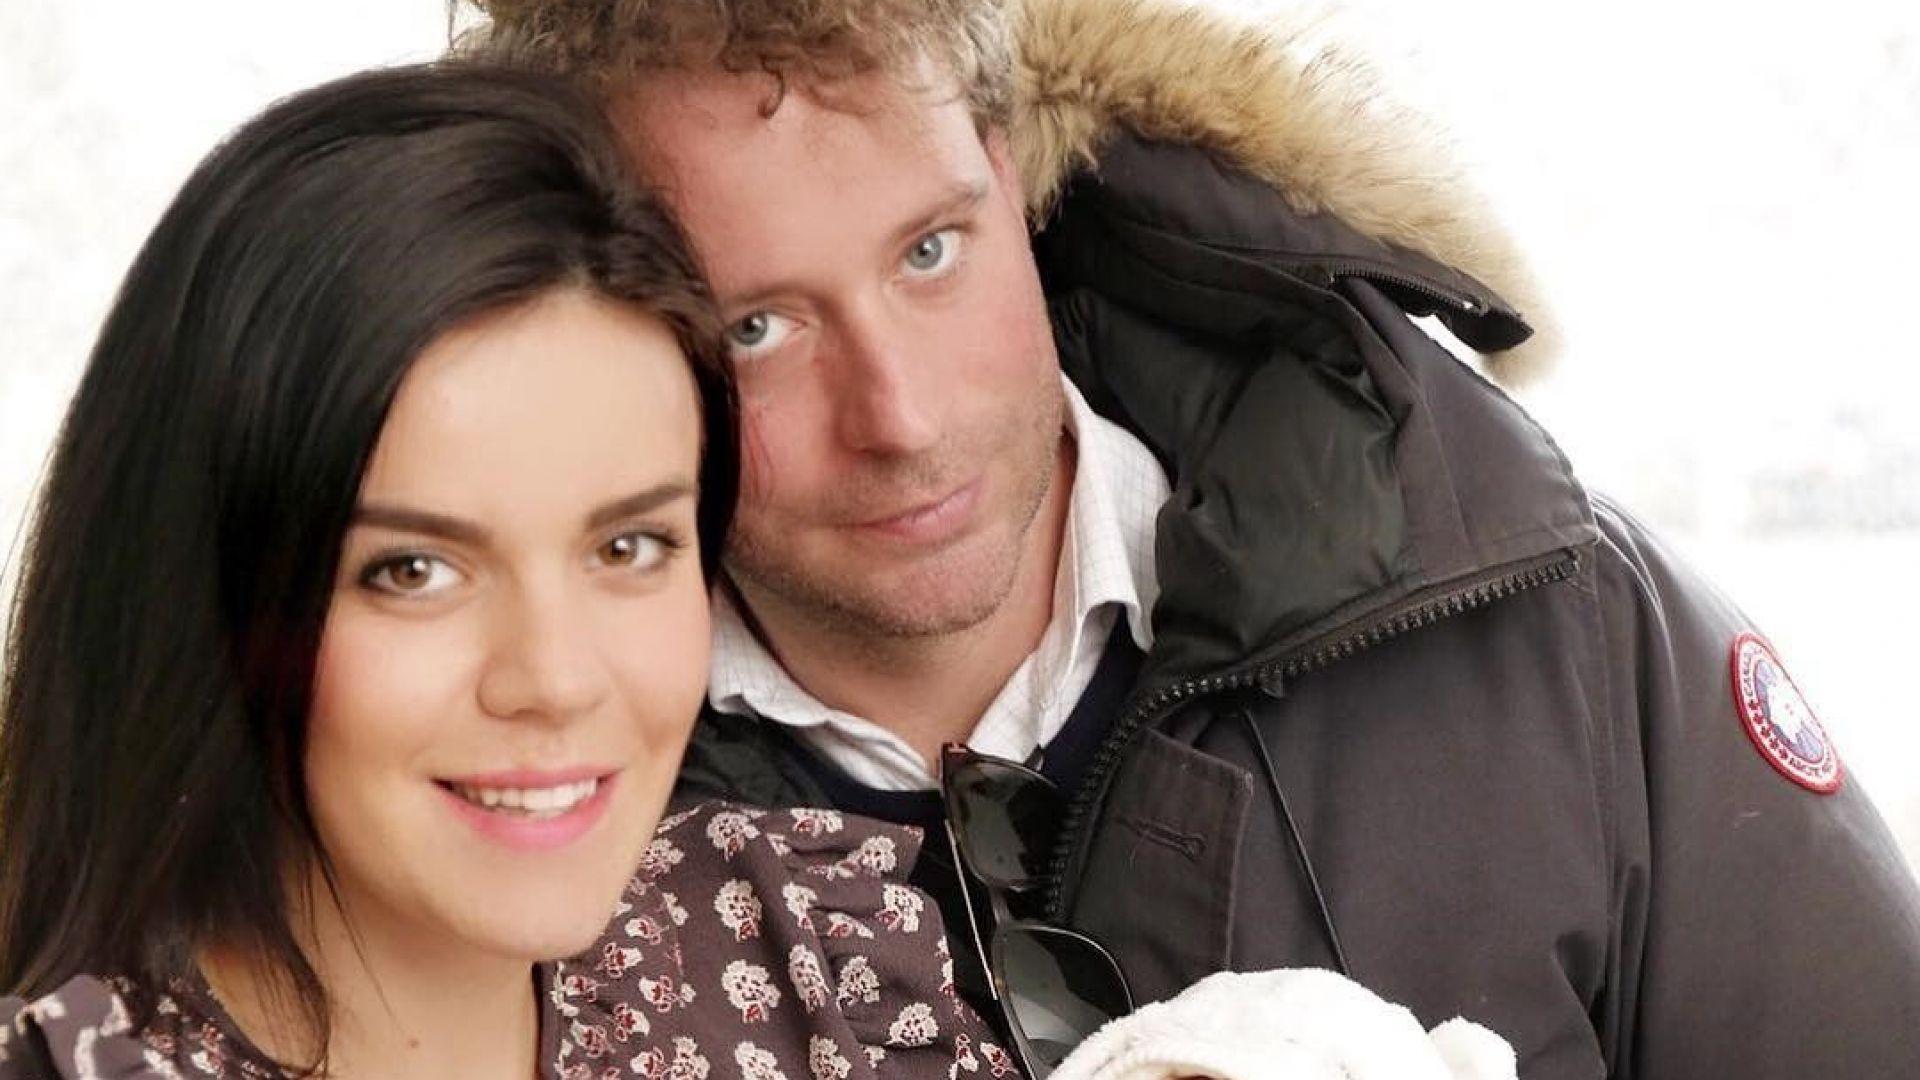 Мона показа първи семеен портрет с бебето